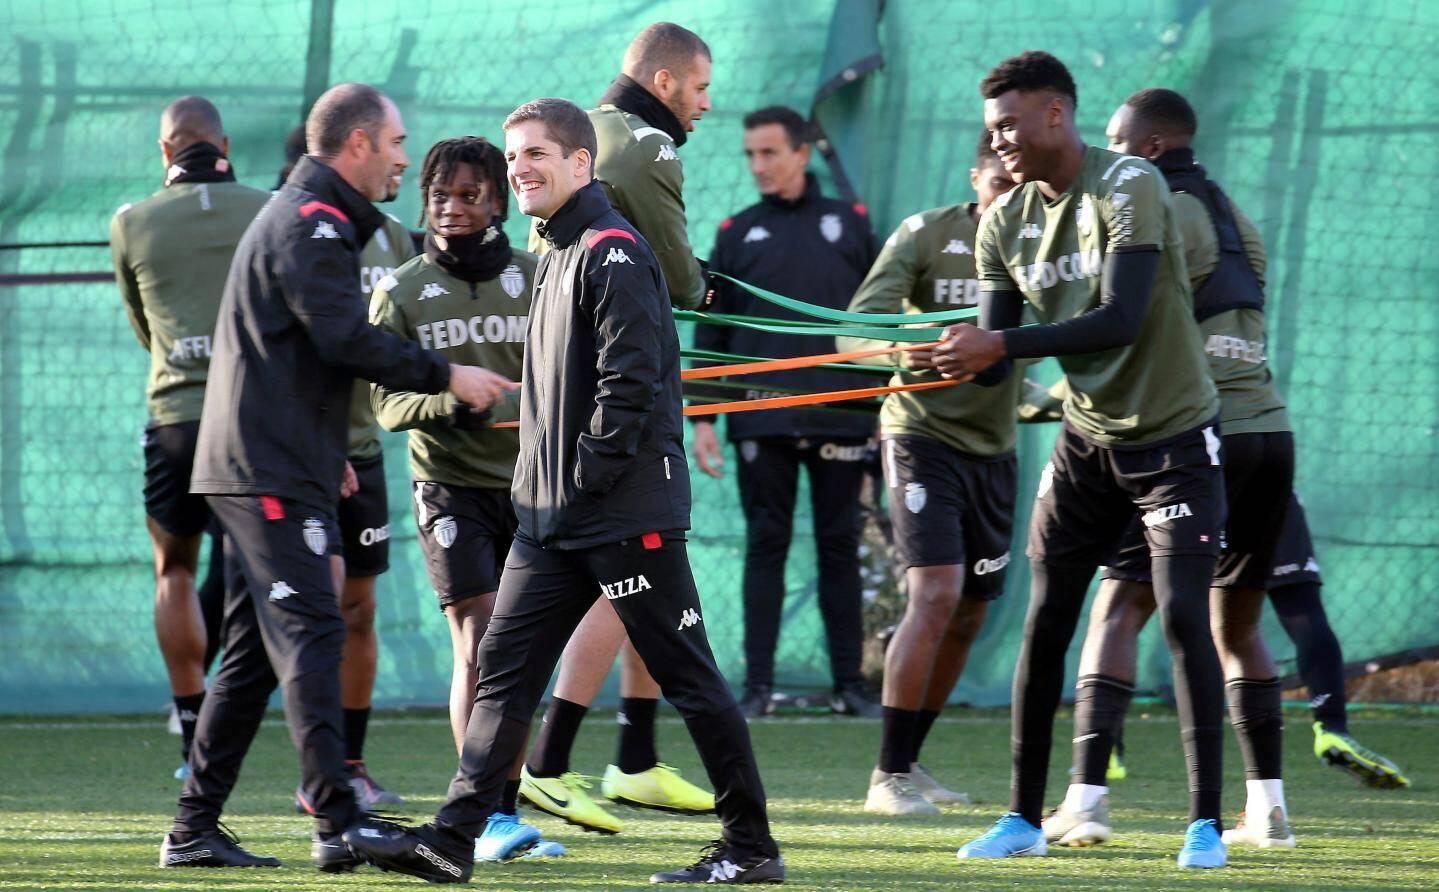 Autour de Moreno : Juanjo del Ojo (préparateur physique), Dani Guindos (adjoint), José Sambade (entraîneur des gardiens) et Marc Sellares (psychologue sportif).